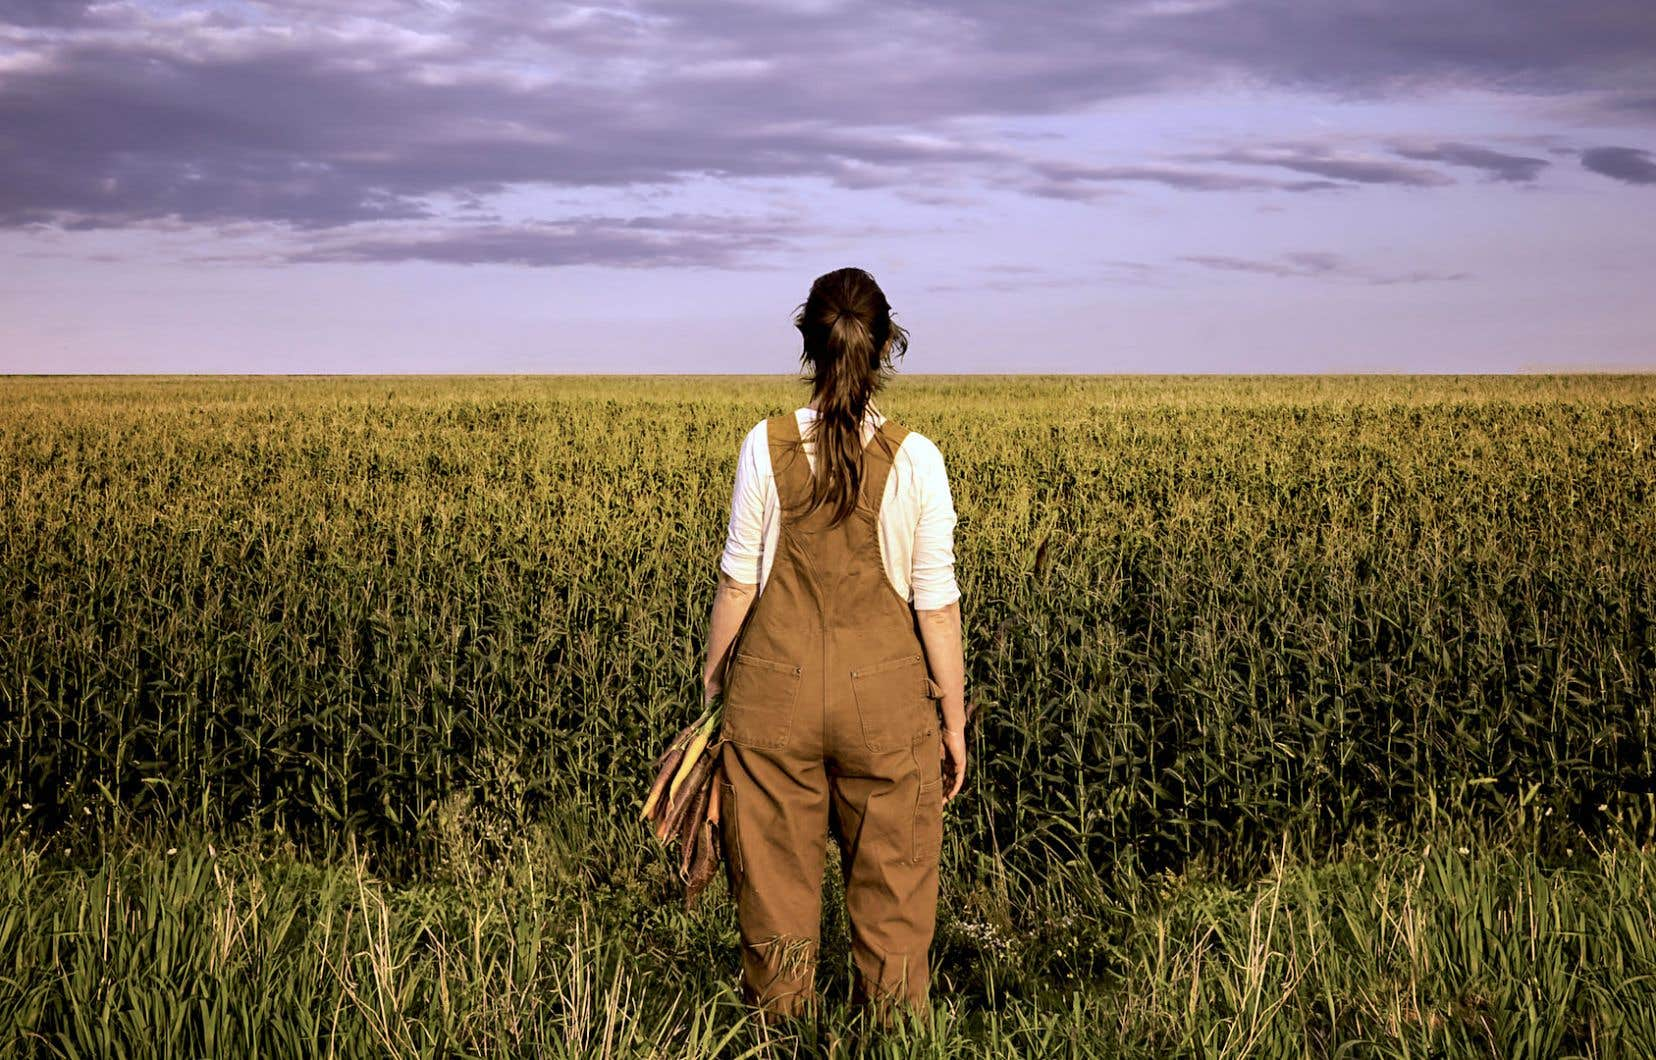 La cinéaste explique que seulement 2 des 53 recommandations de la Société royale du Canada sur la réglementation des OGM ont été mises en vigueur.